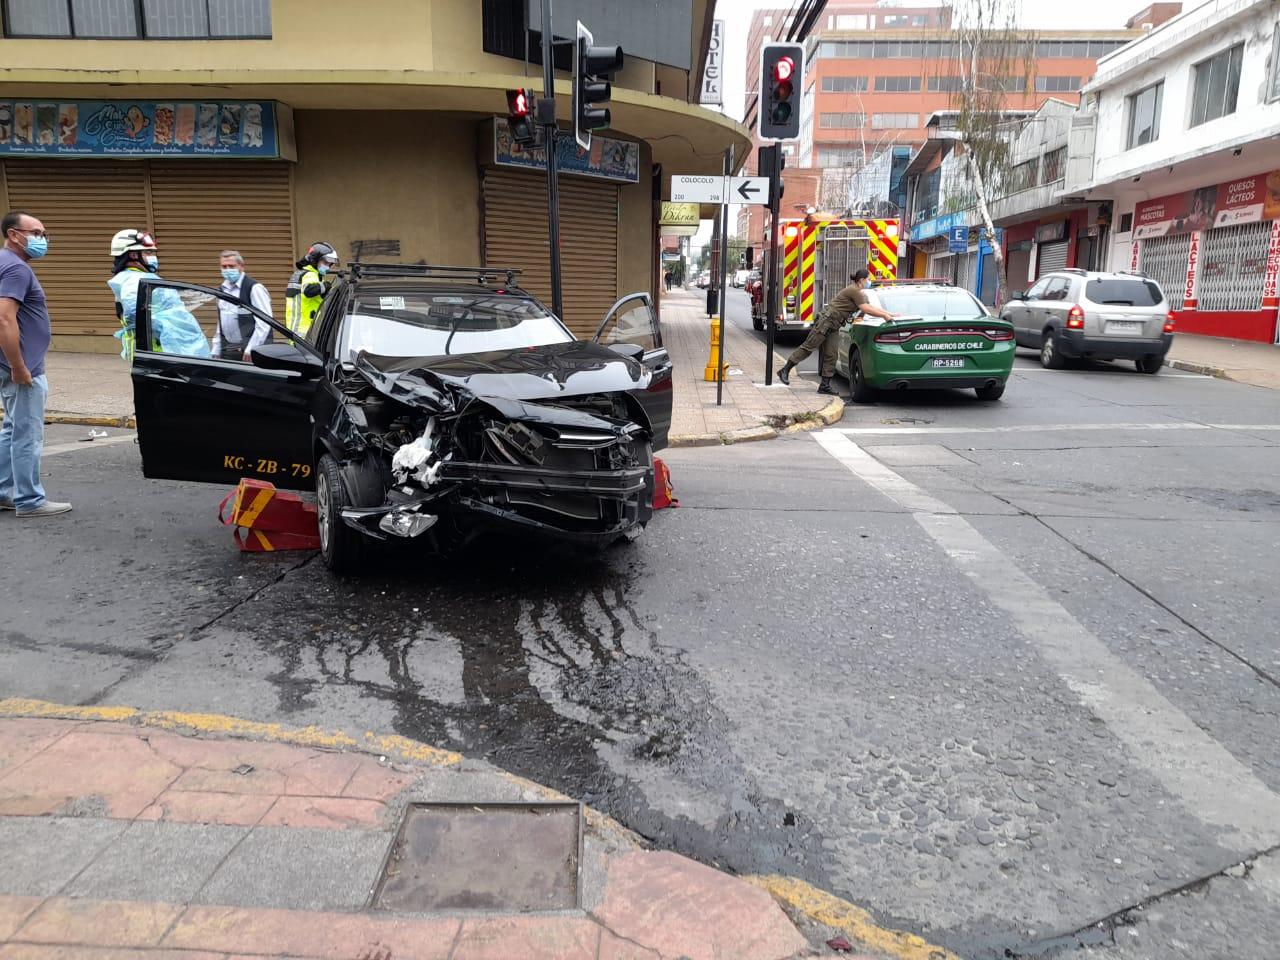 Los Ángeles: Una mujer resulta lesionada tras colisión en el centro